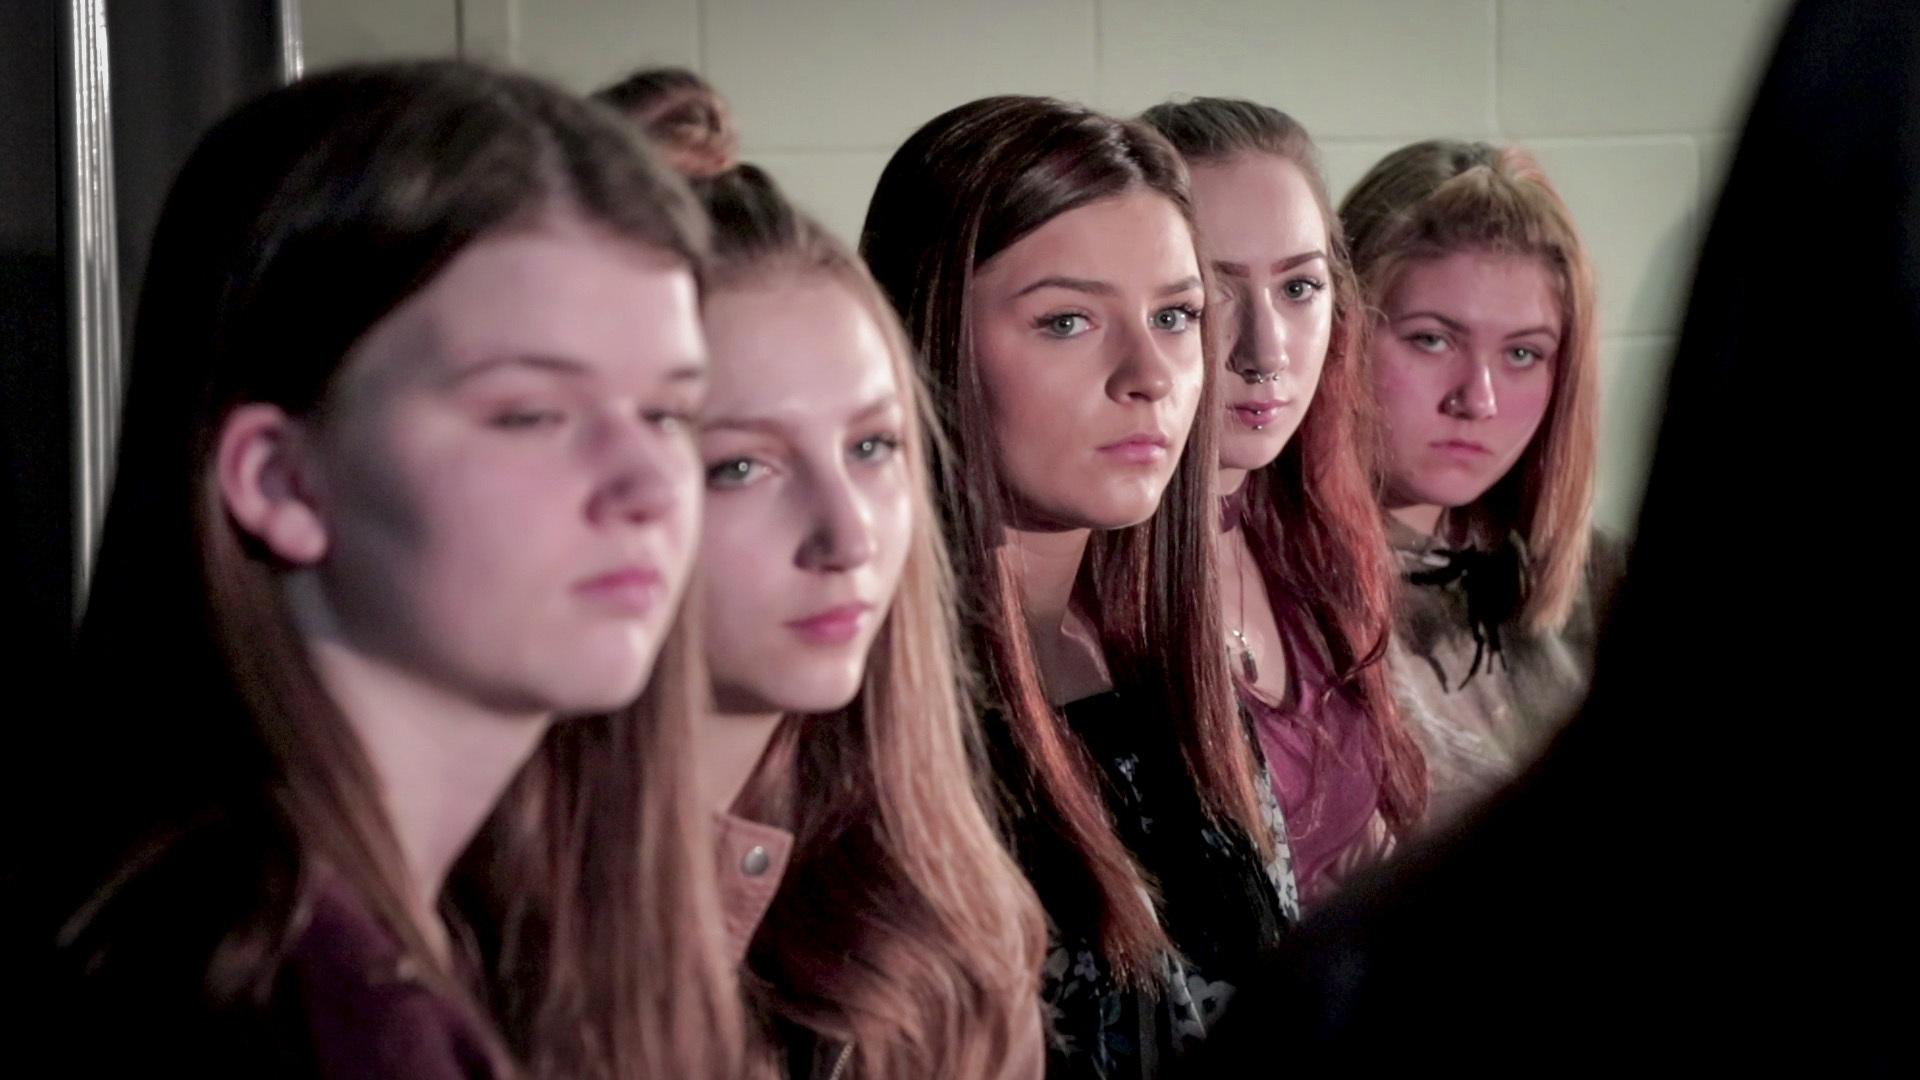 Members of Girl on Fire club at Sackville High in Lower Sackville, N.S. (Steve Berry/CBC)